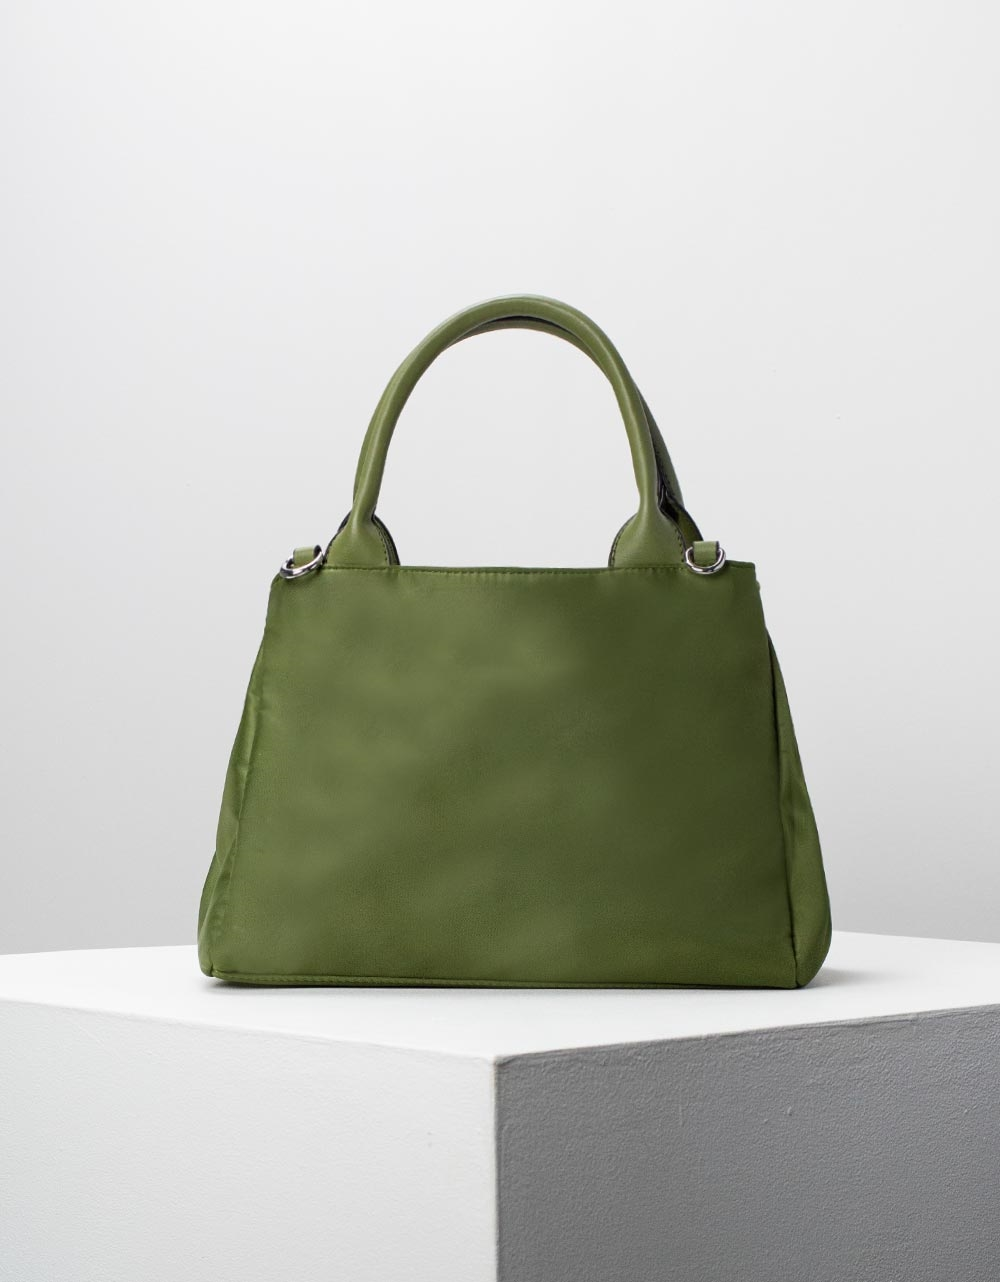 Εικόνα από Γυναικεία τσάντα χειρός με εσωτερικό τσαντάκι Πράσινο